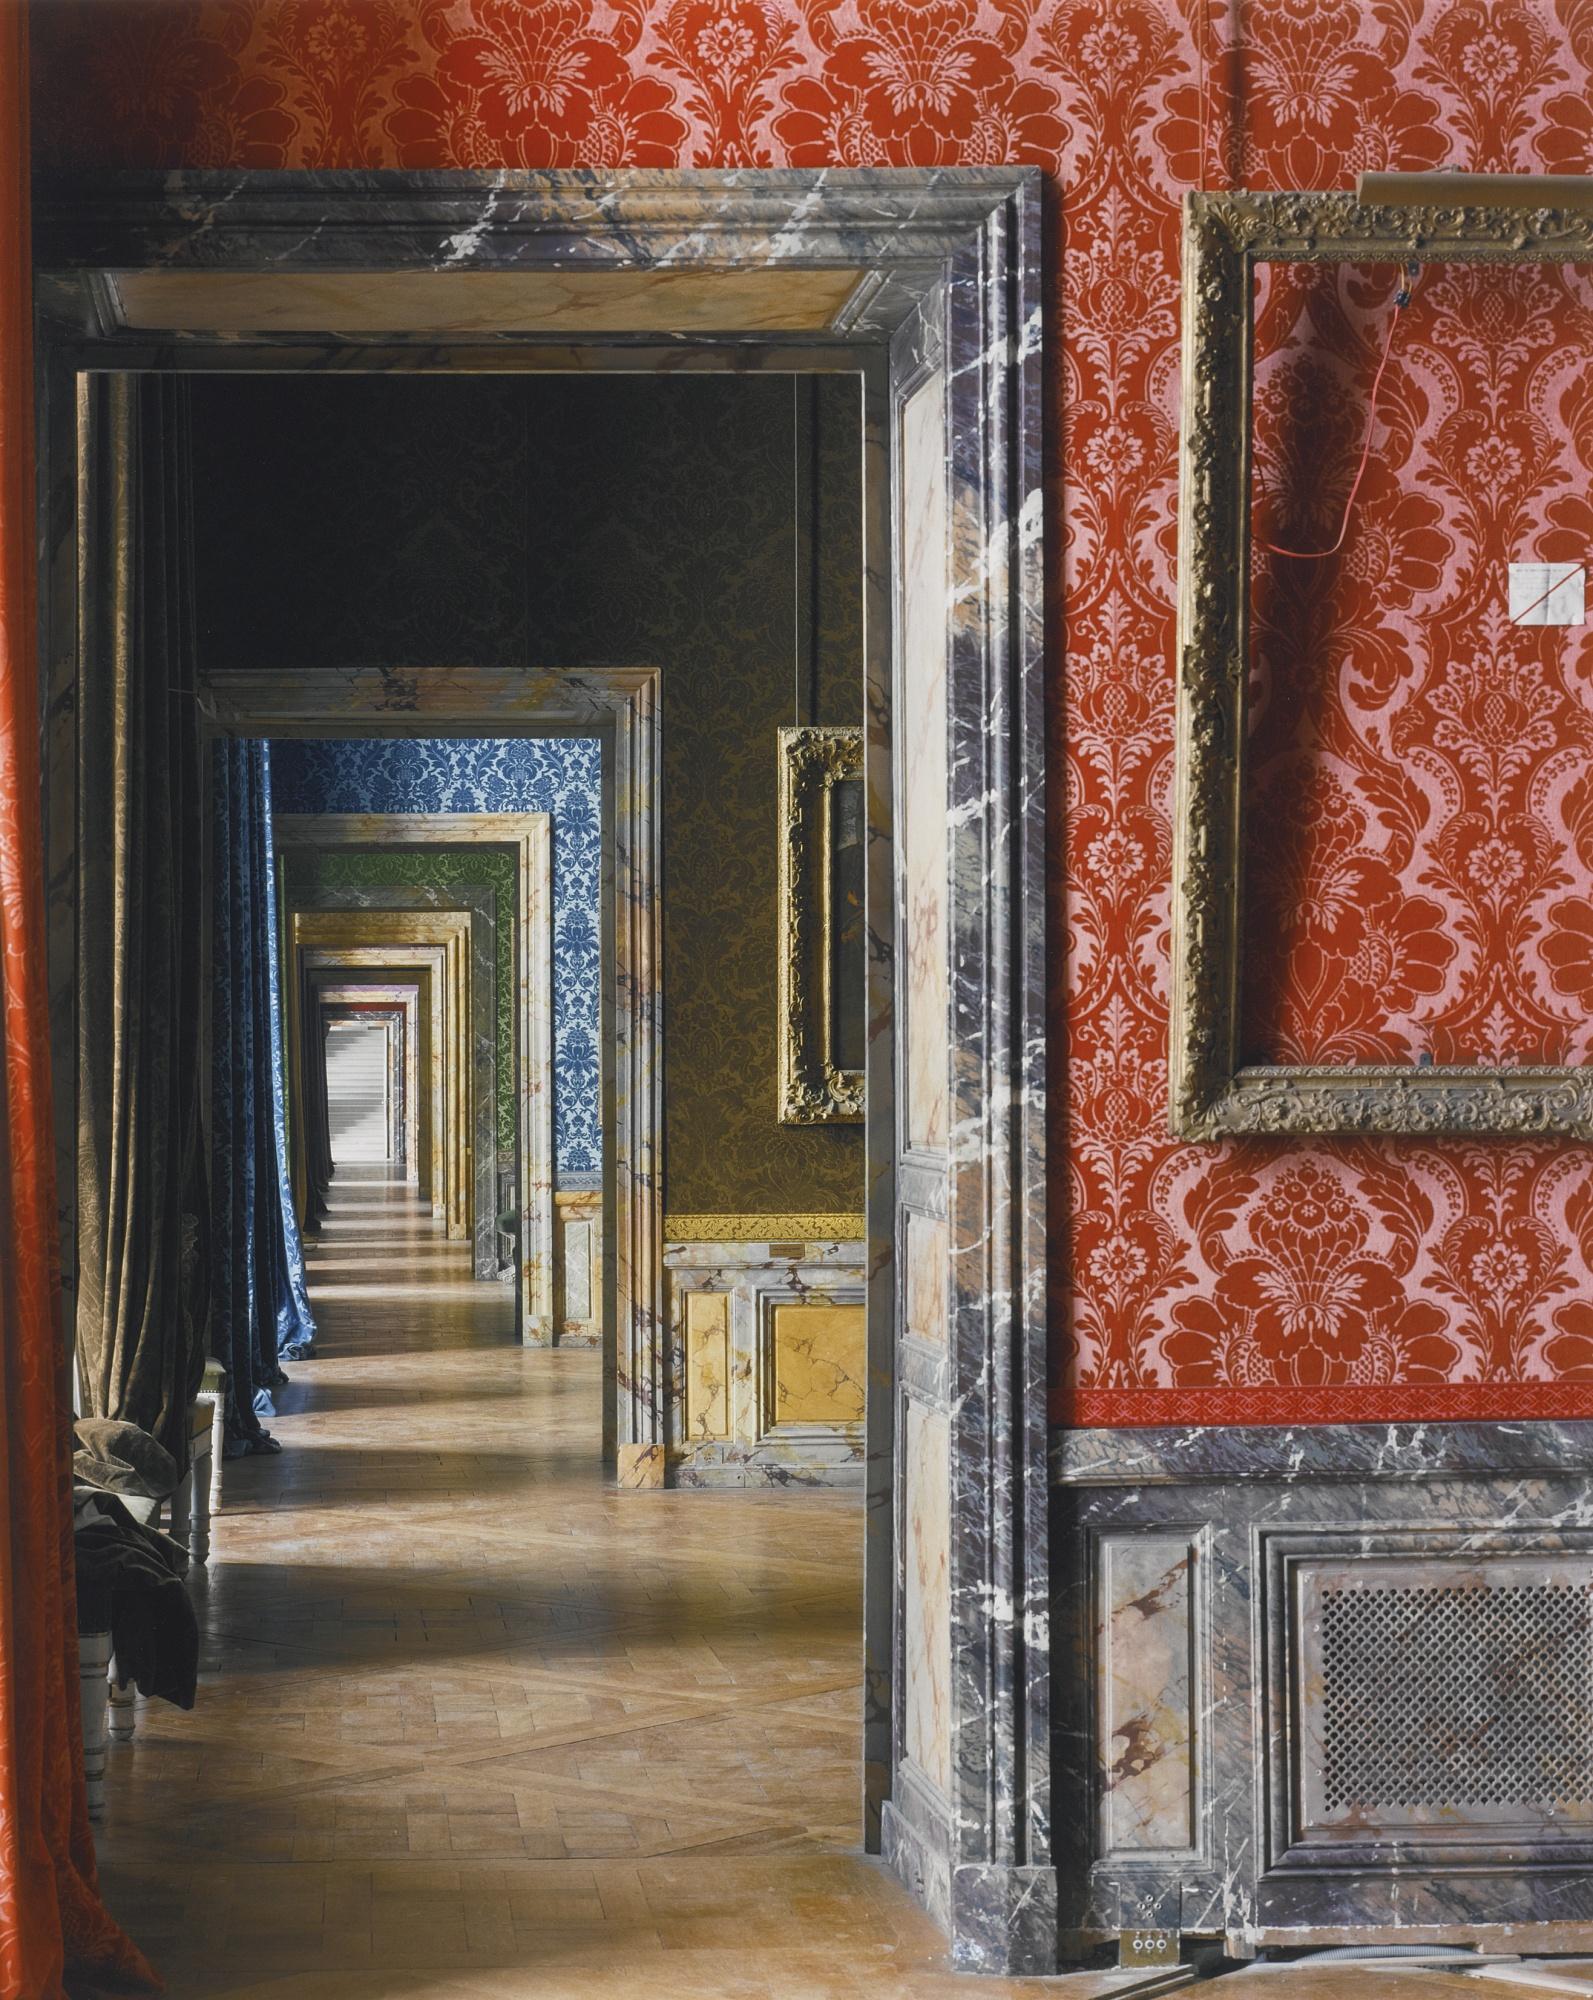 Robert Polidori-Cadre Vide Chateau De Versailles-1985